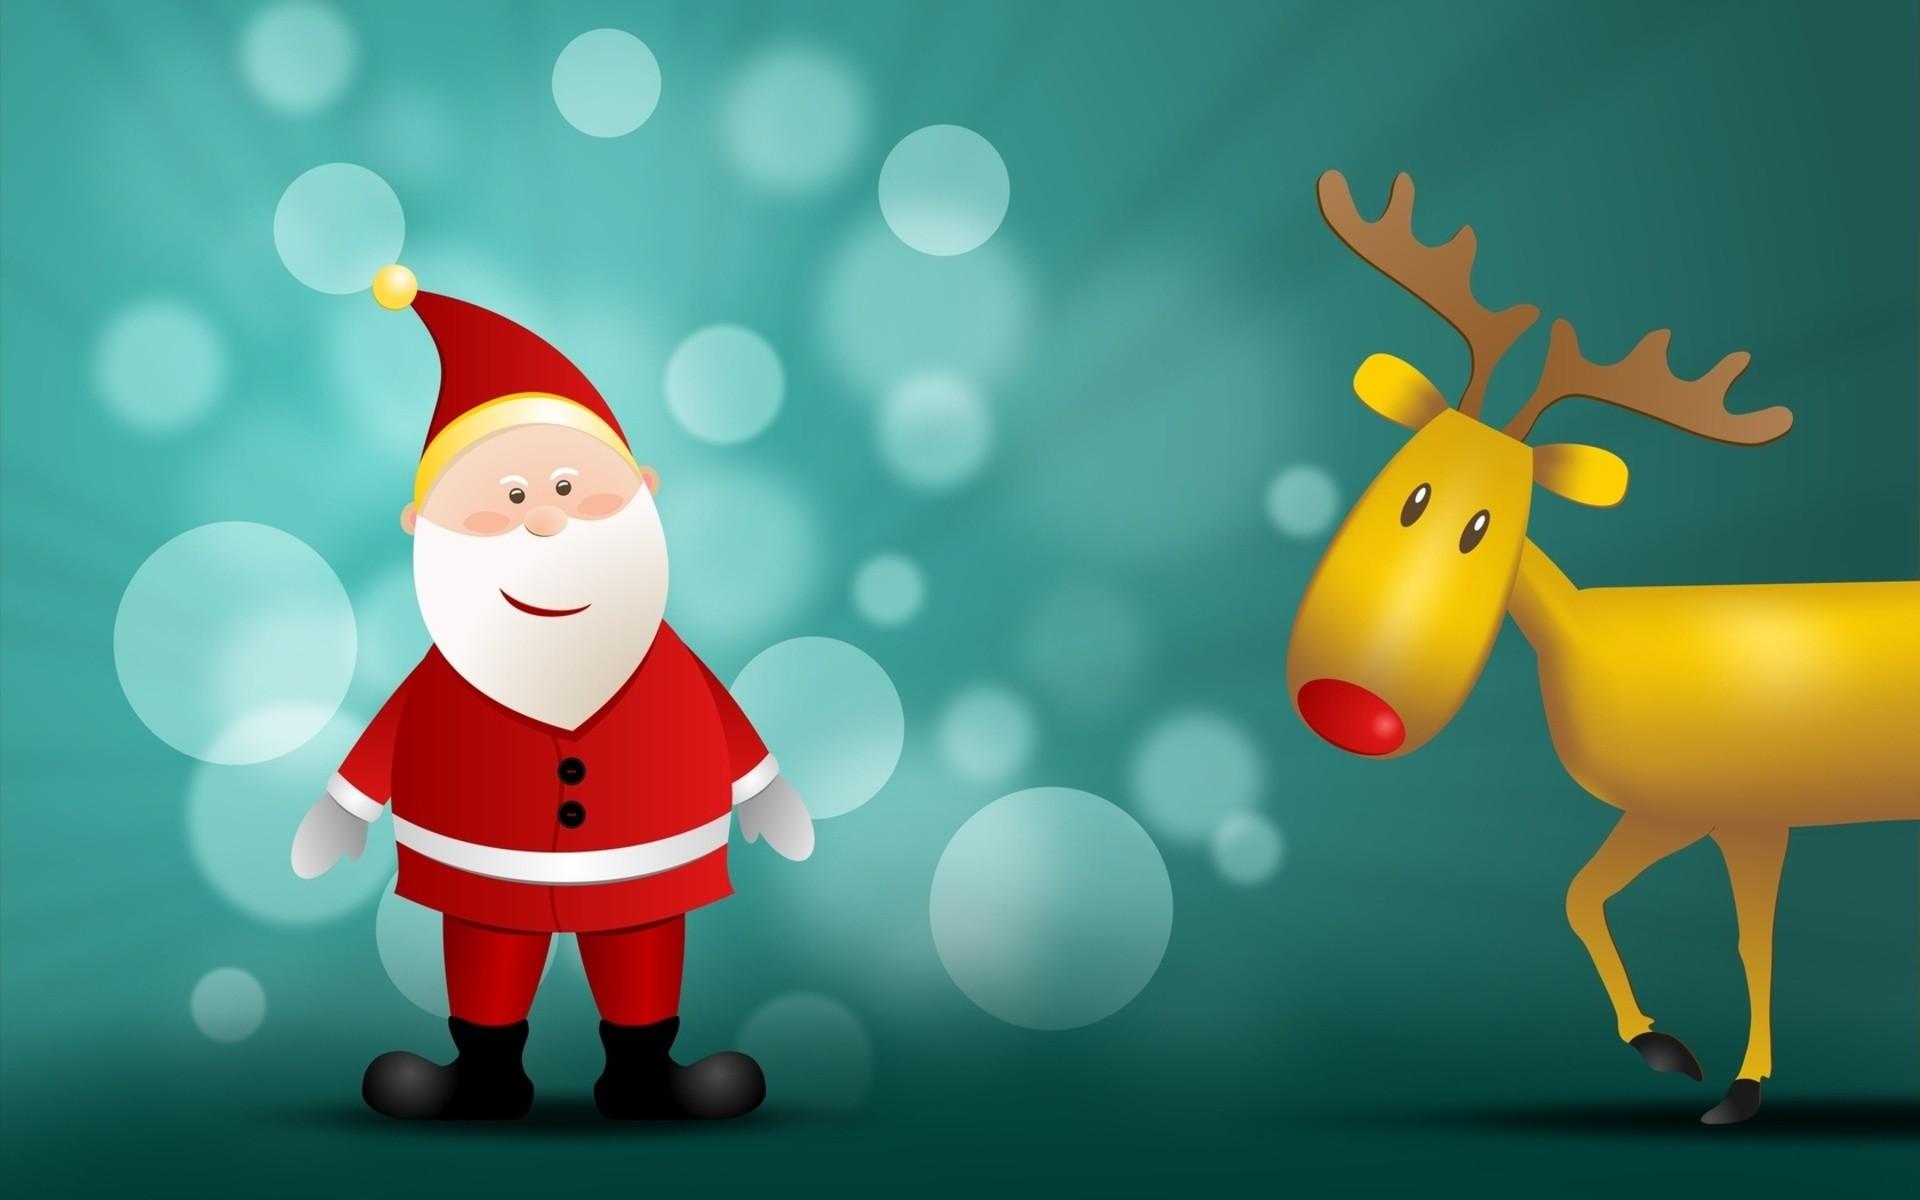 Santa Claus y su reno - 1920x1200